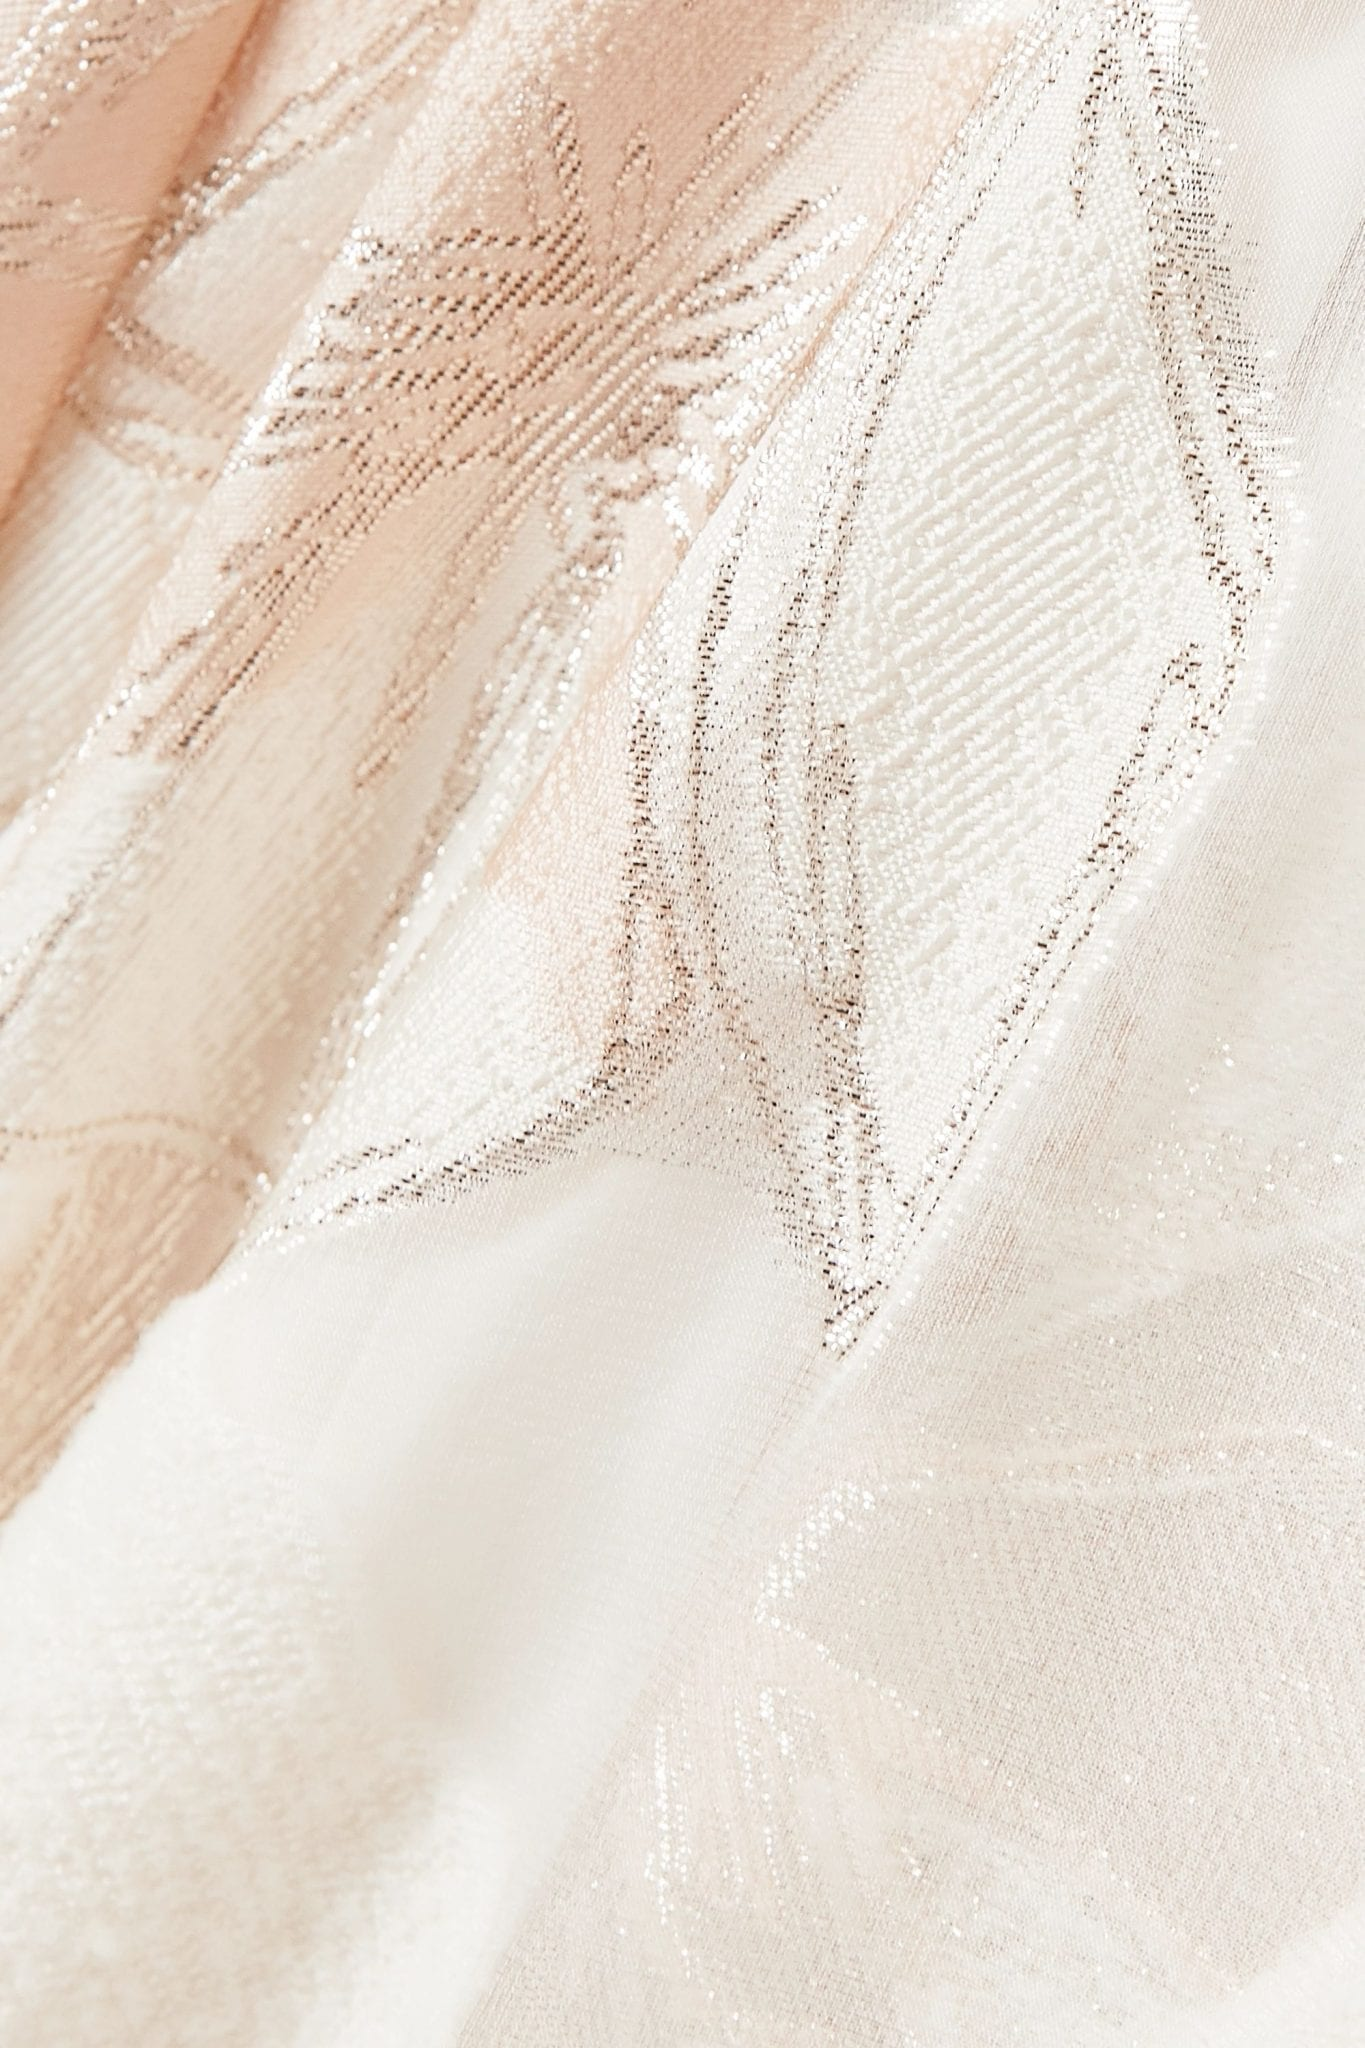 TALBOT RUNHOF Korbut Metallic Floral-jacquard And Organza Dress